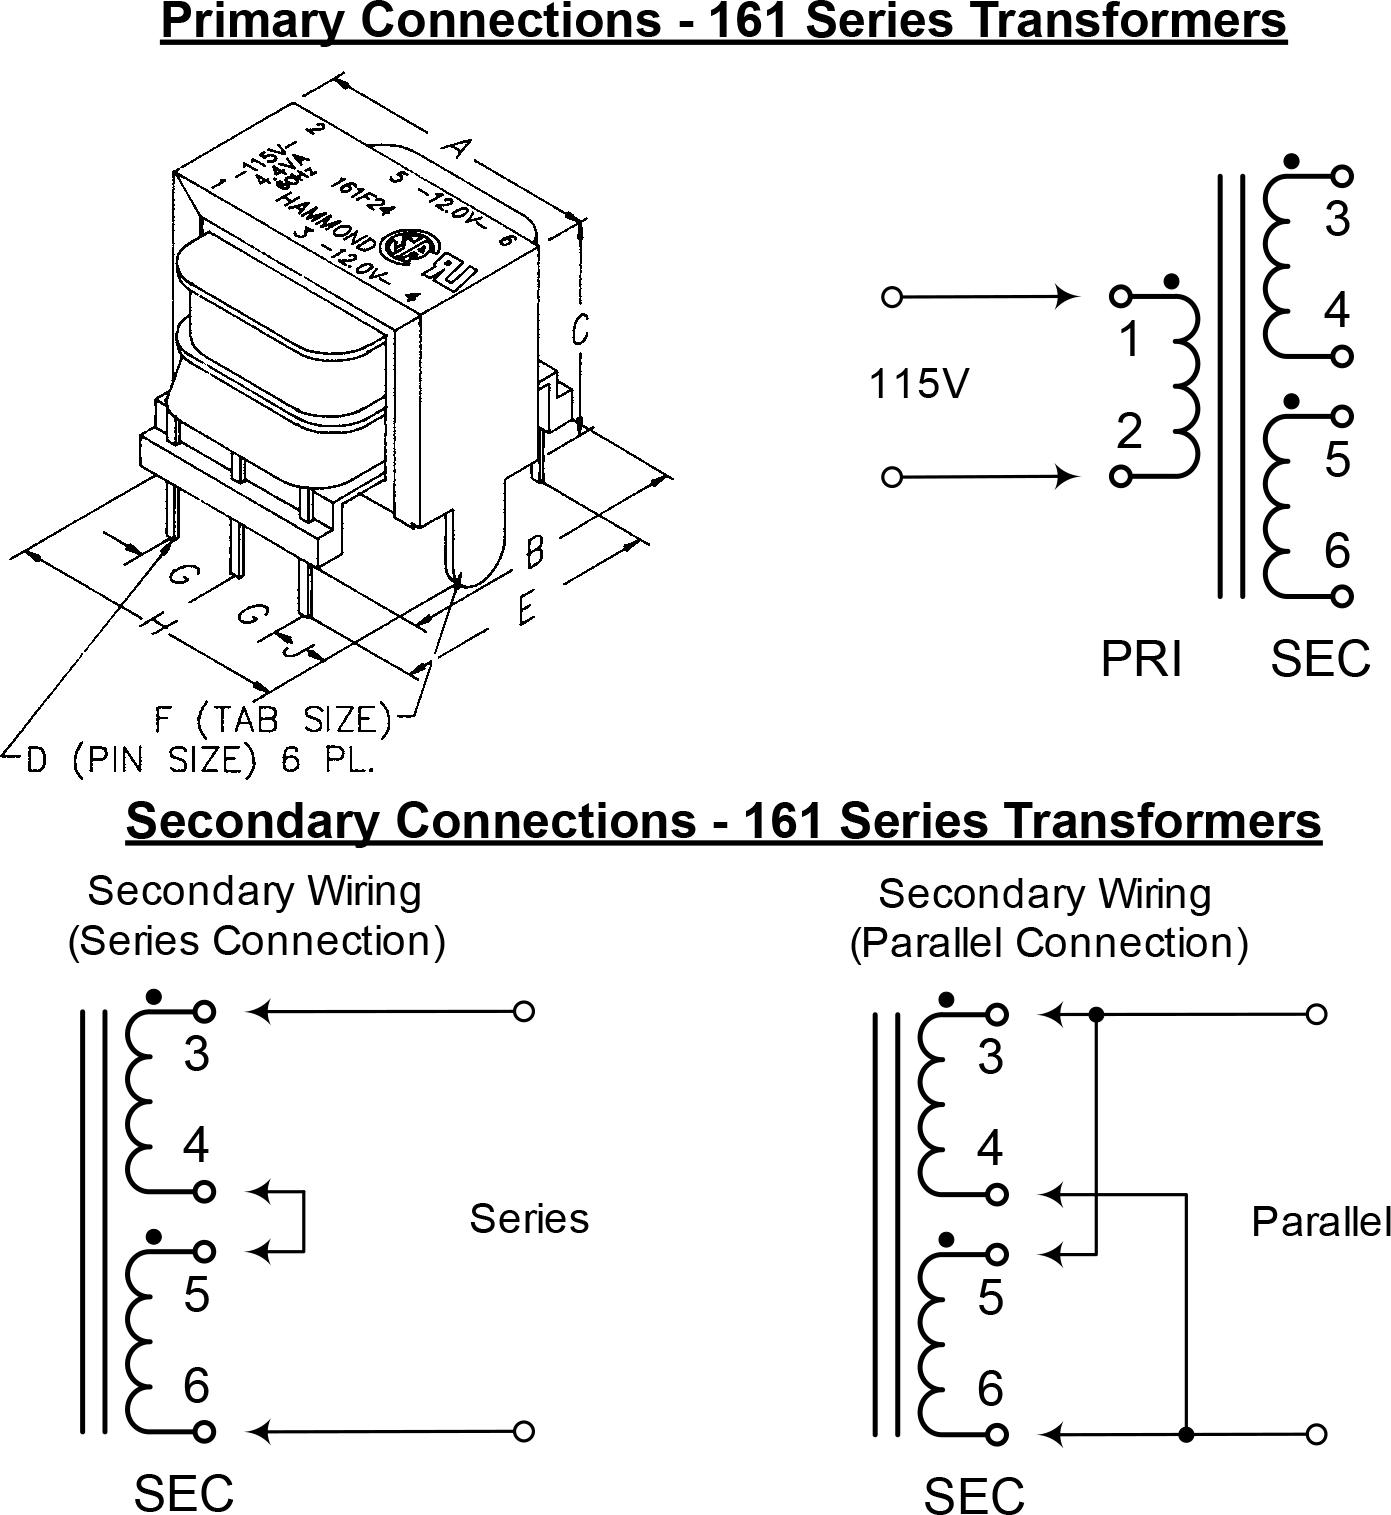 kubota g2160 wiring diagram best wiring diagram image 2018 rh diagram oceanodigital us Kubota BX2350 Hood Kubota BX2350 Rear Deck